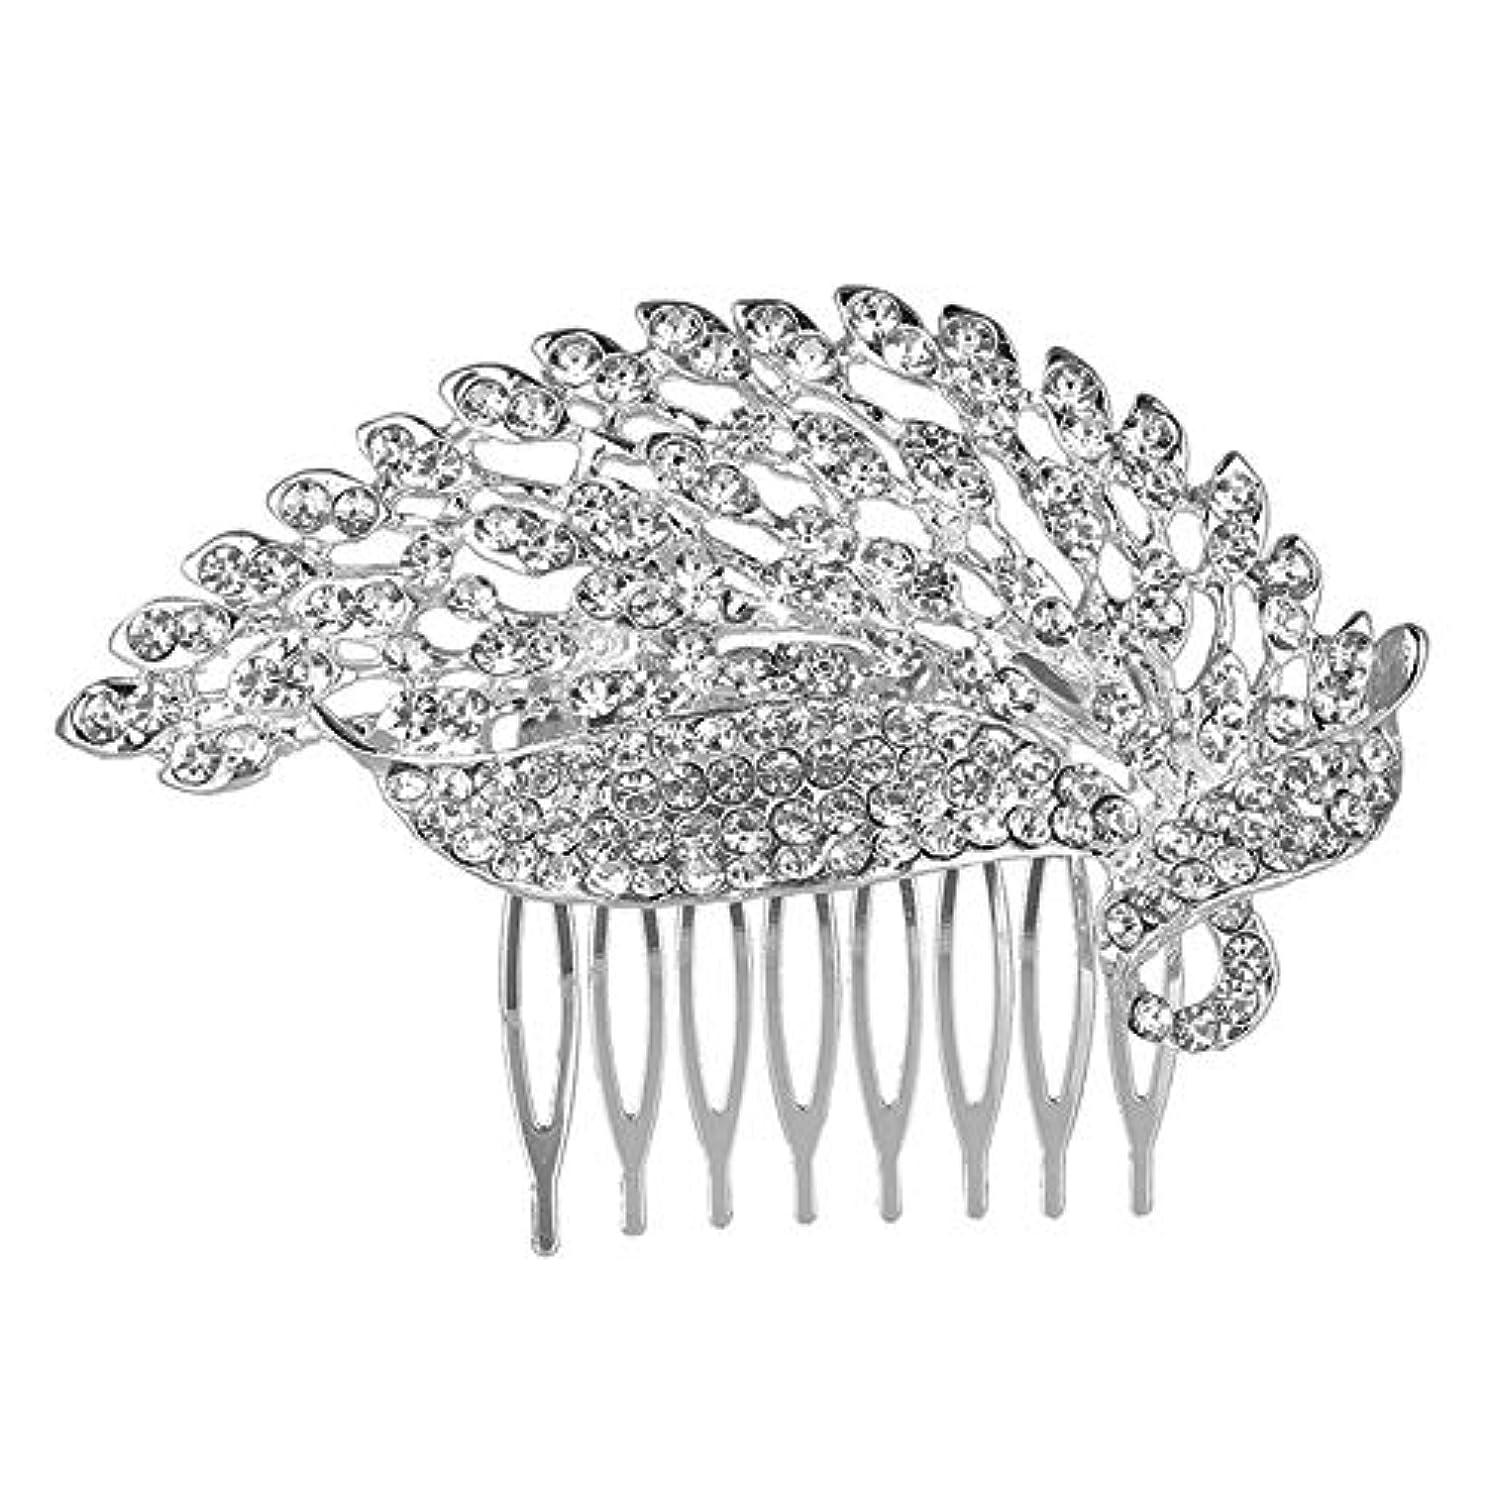 酸腐食する作曲する髪の櫛の櫛の櫛の花嫁の櫛の櫛の櫛の花嫁の頭飾りの結婚式のアクセサリー合金